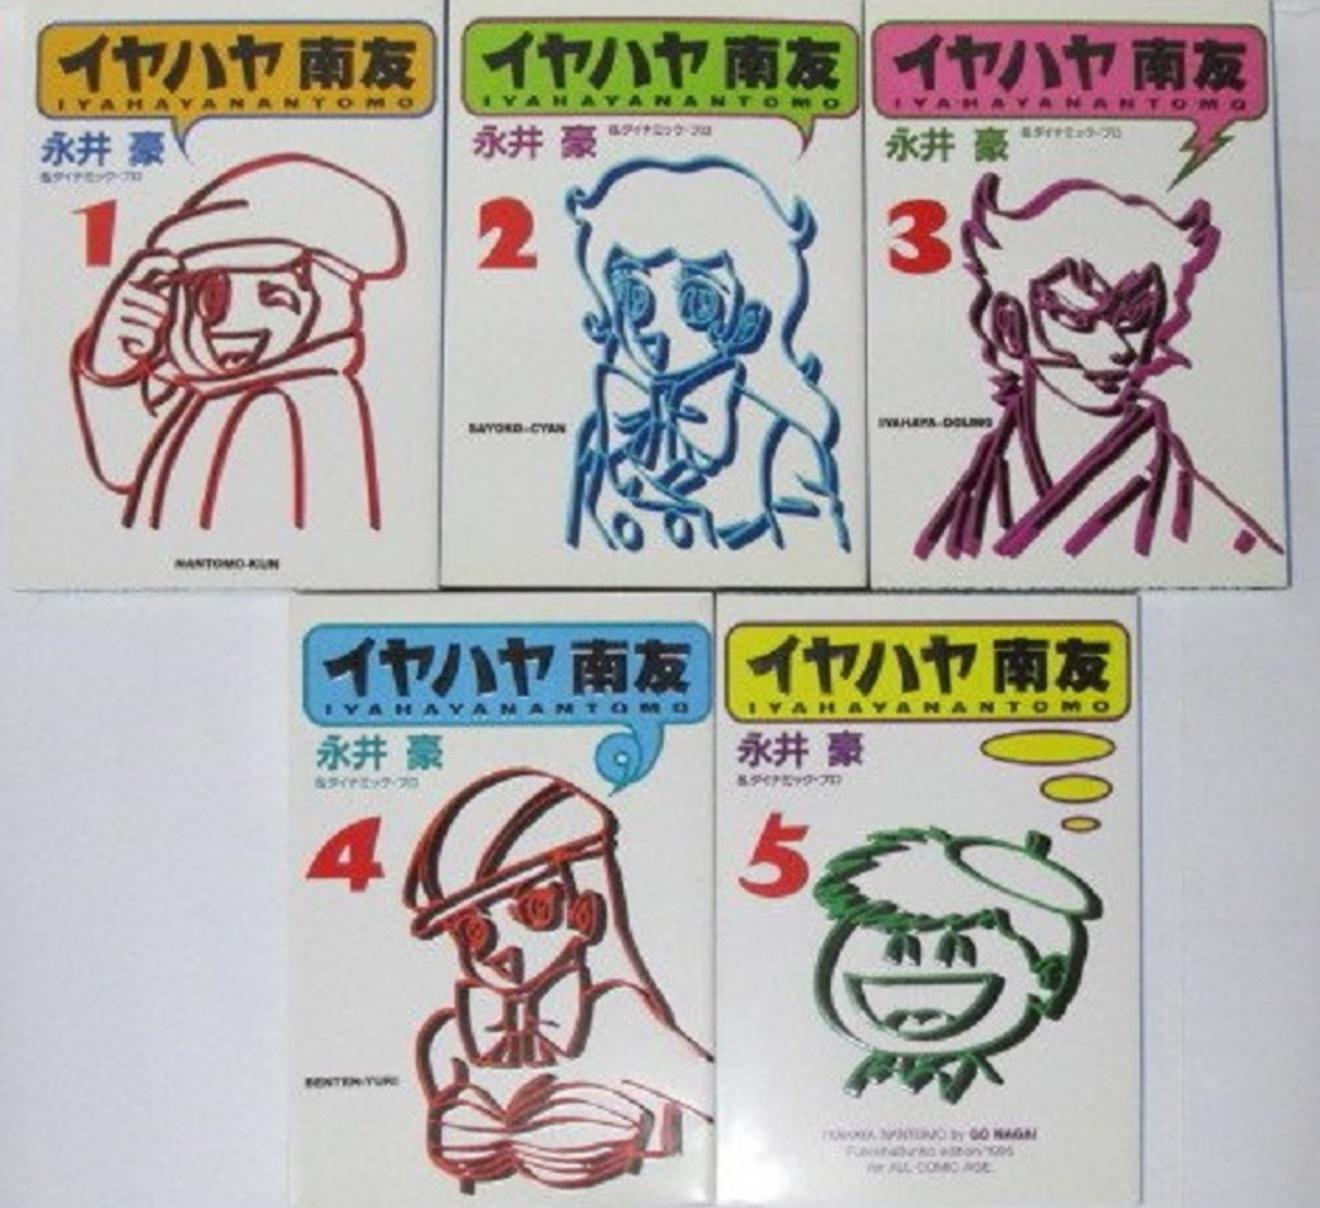 永井豪の隠れた名作ギャグ漫画おすすめランキングベスト5!